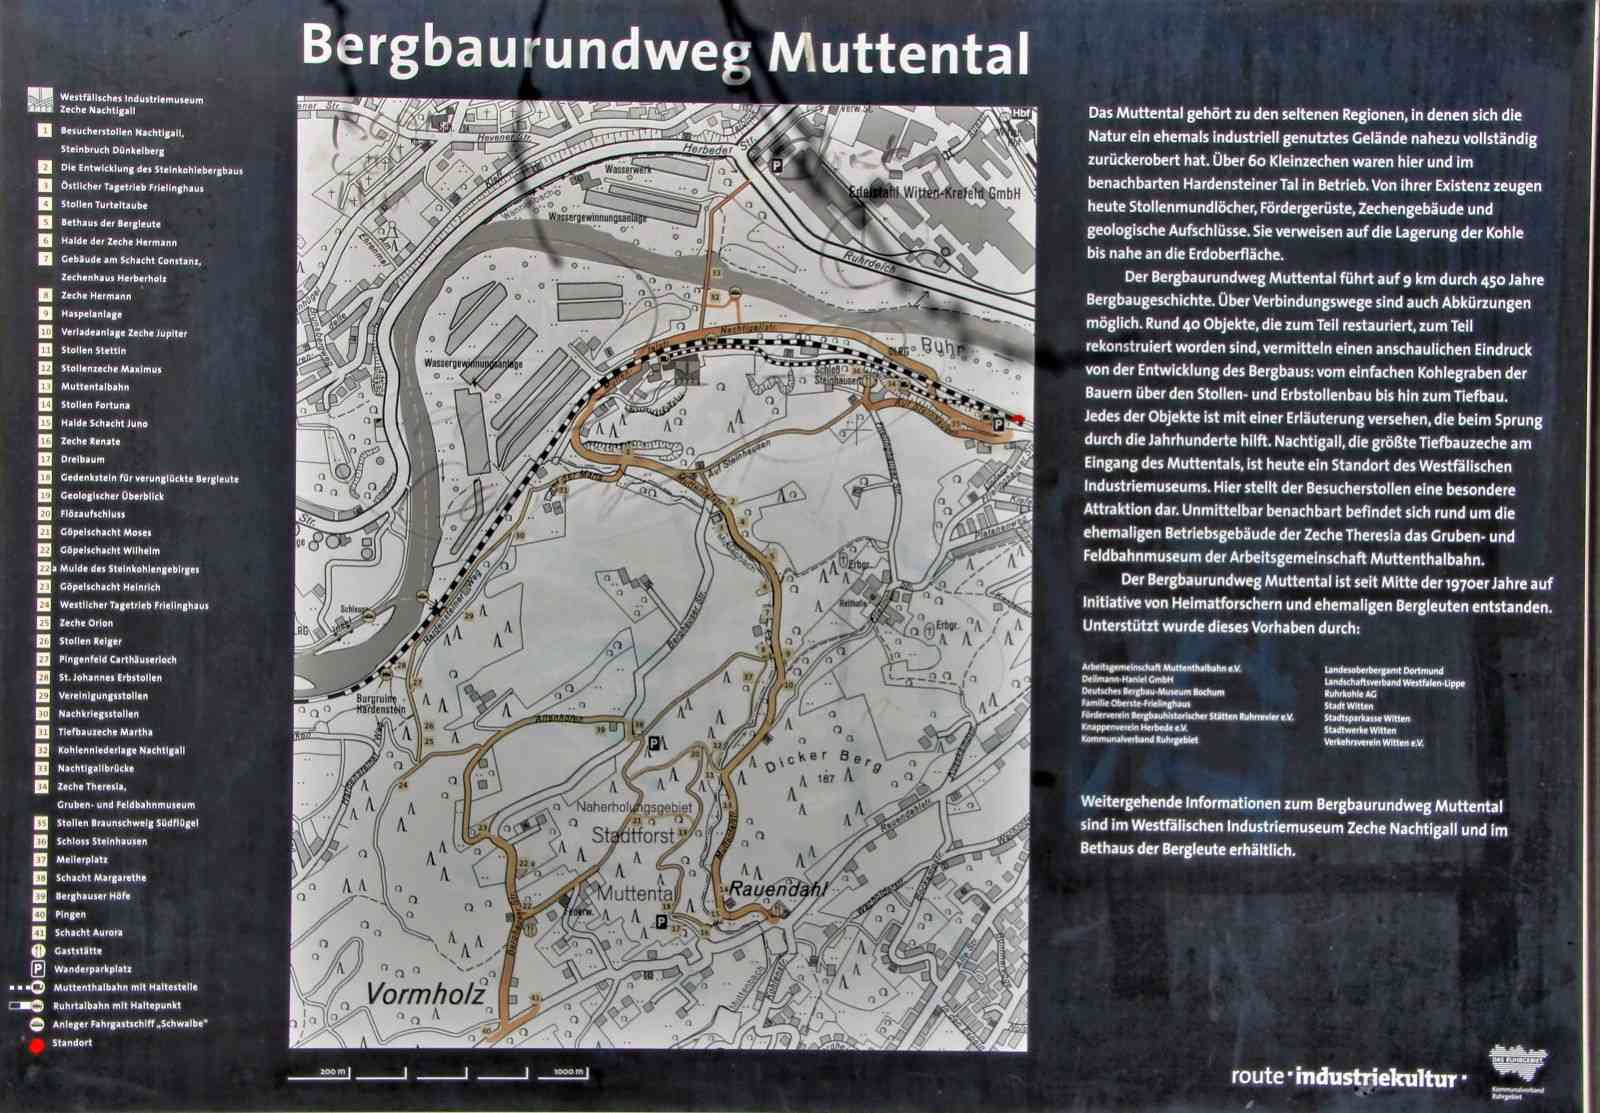 Bergbauwanderweg Muttental Img_9510